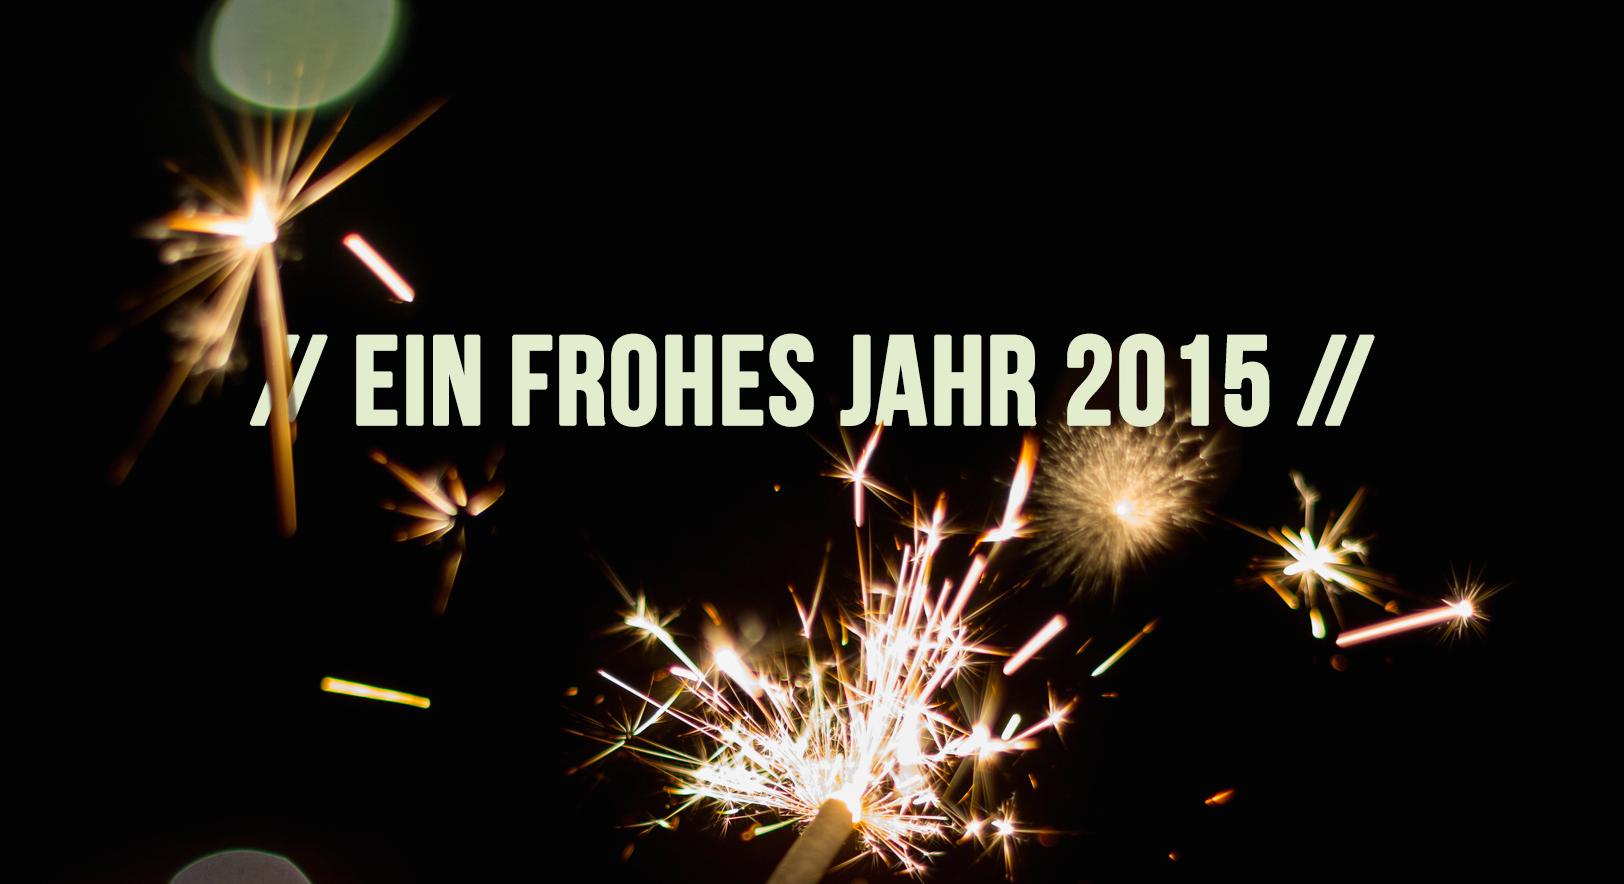 Mach' 2015 zu deinem Jahr!